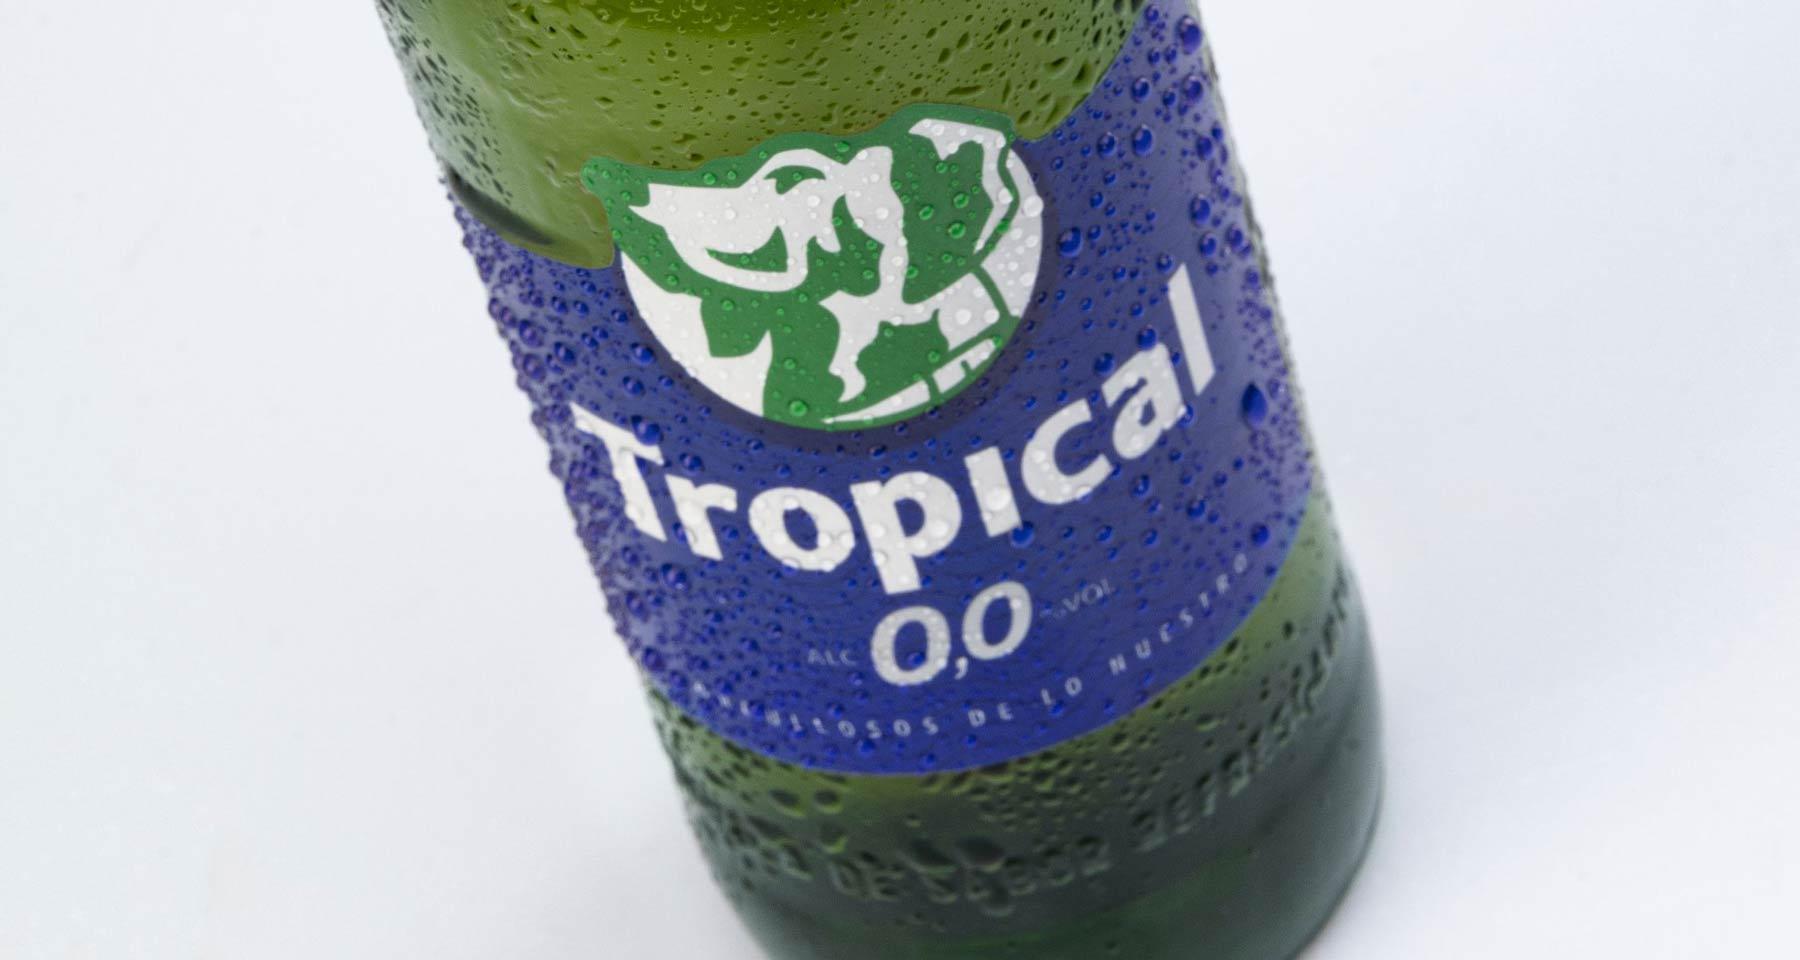 Compañía Cervecera apuesta por la innovación con el lanzamiento de Tropical 0,0